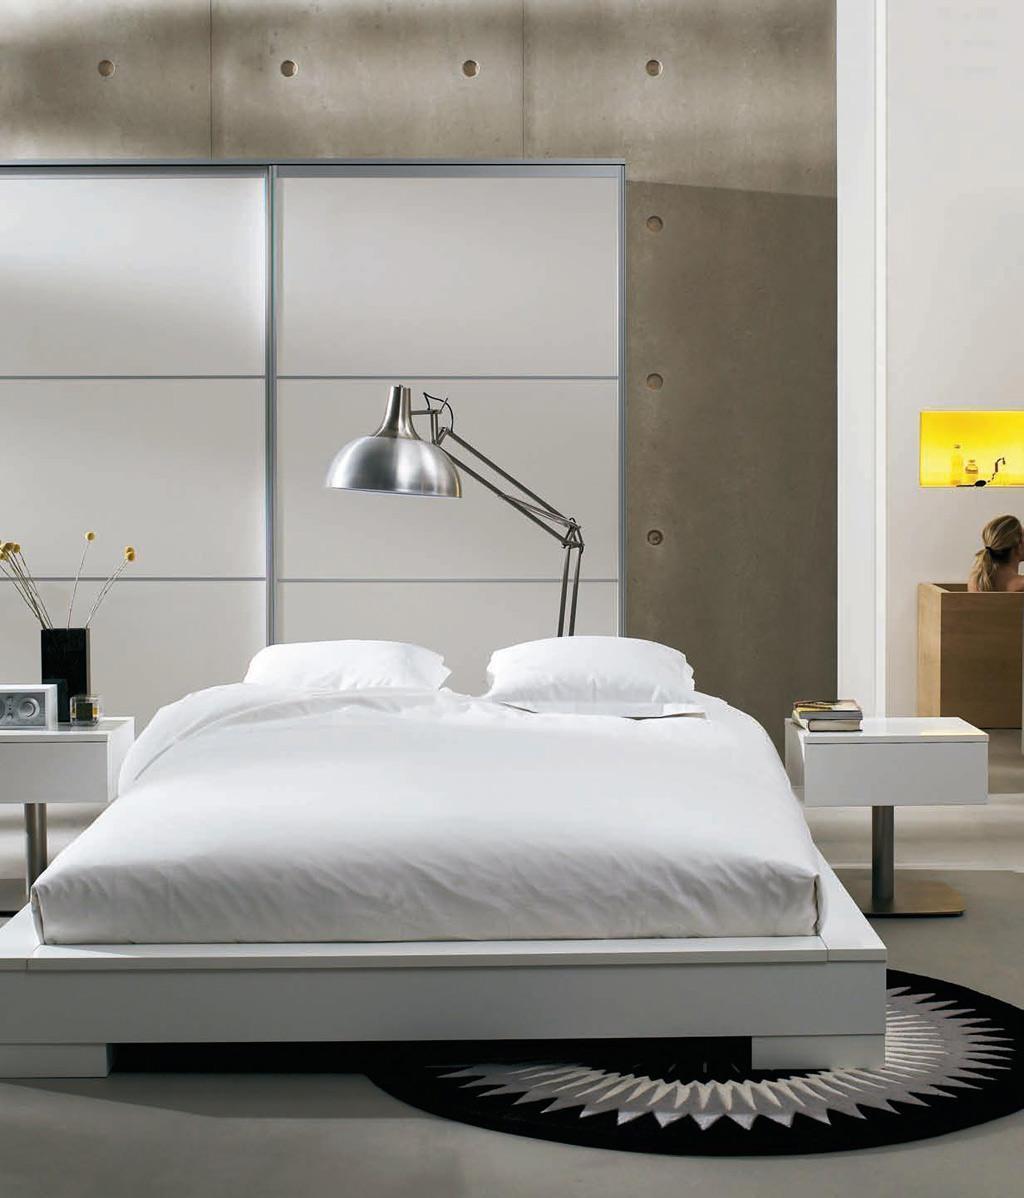 北欧风情Beds - AG00床Beds - AG00